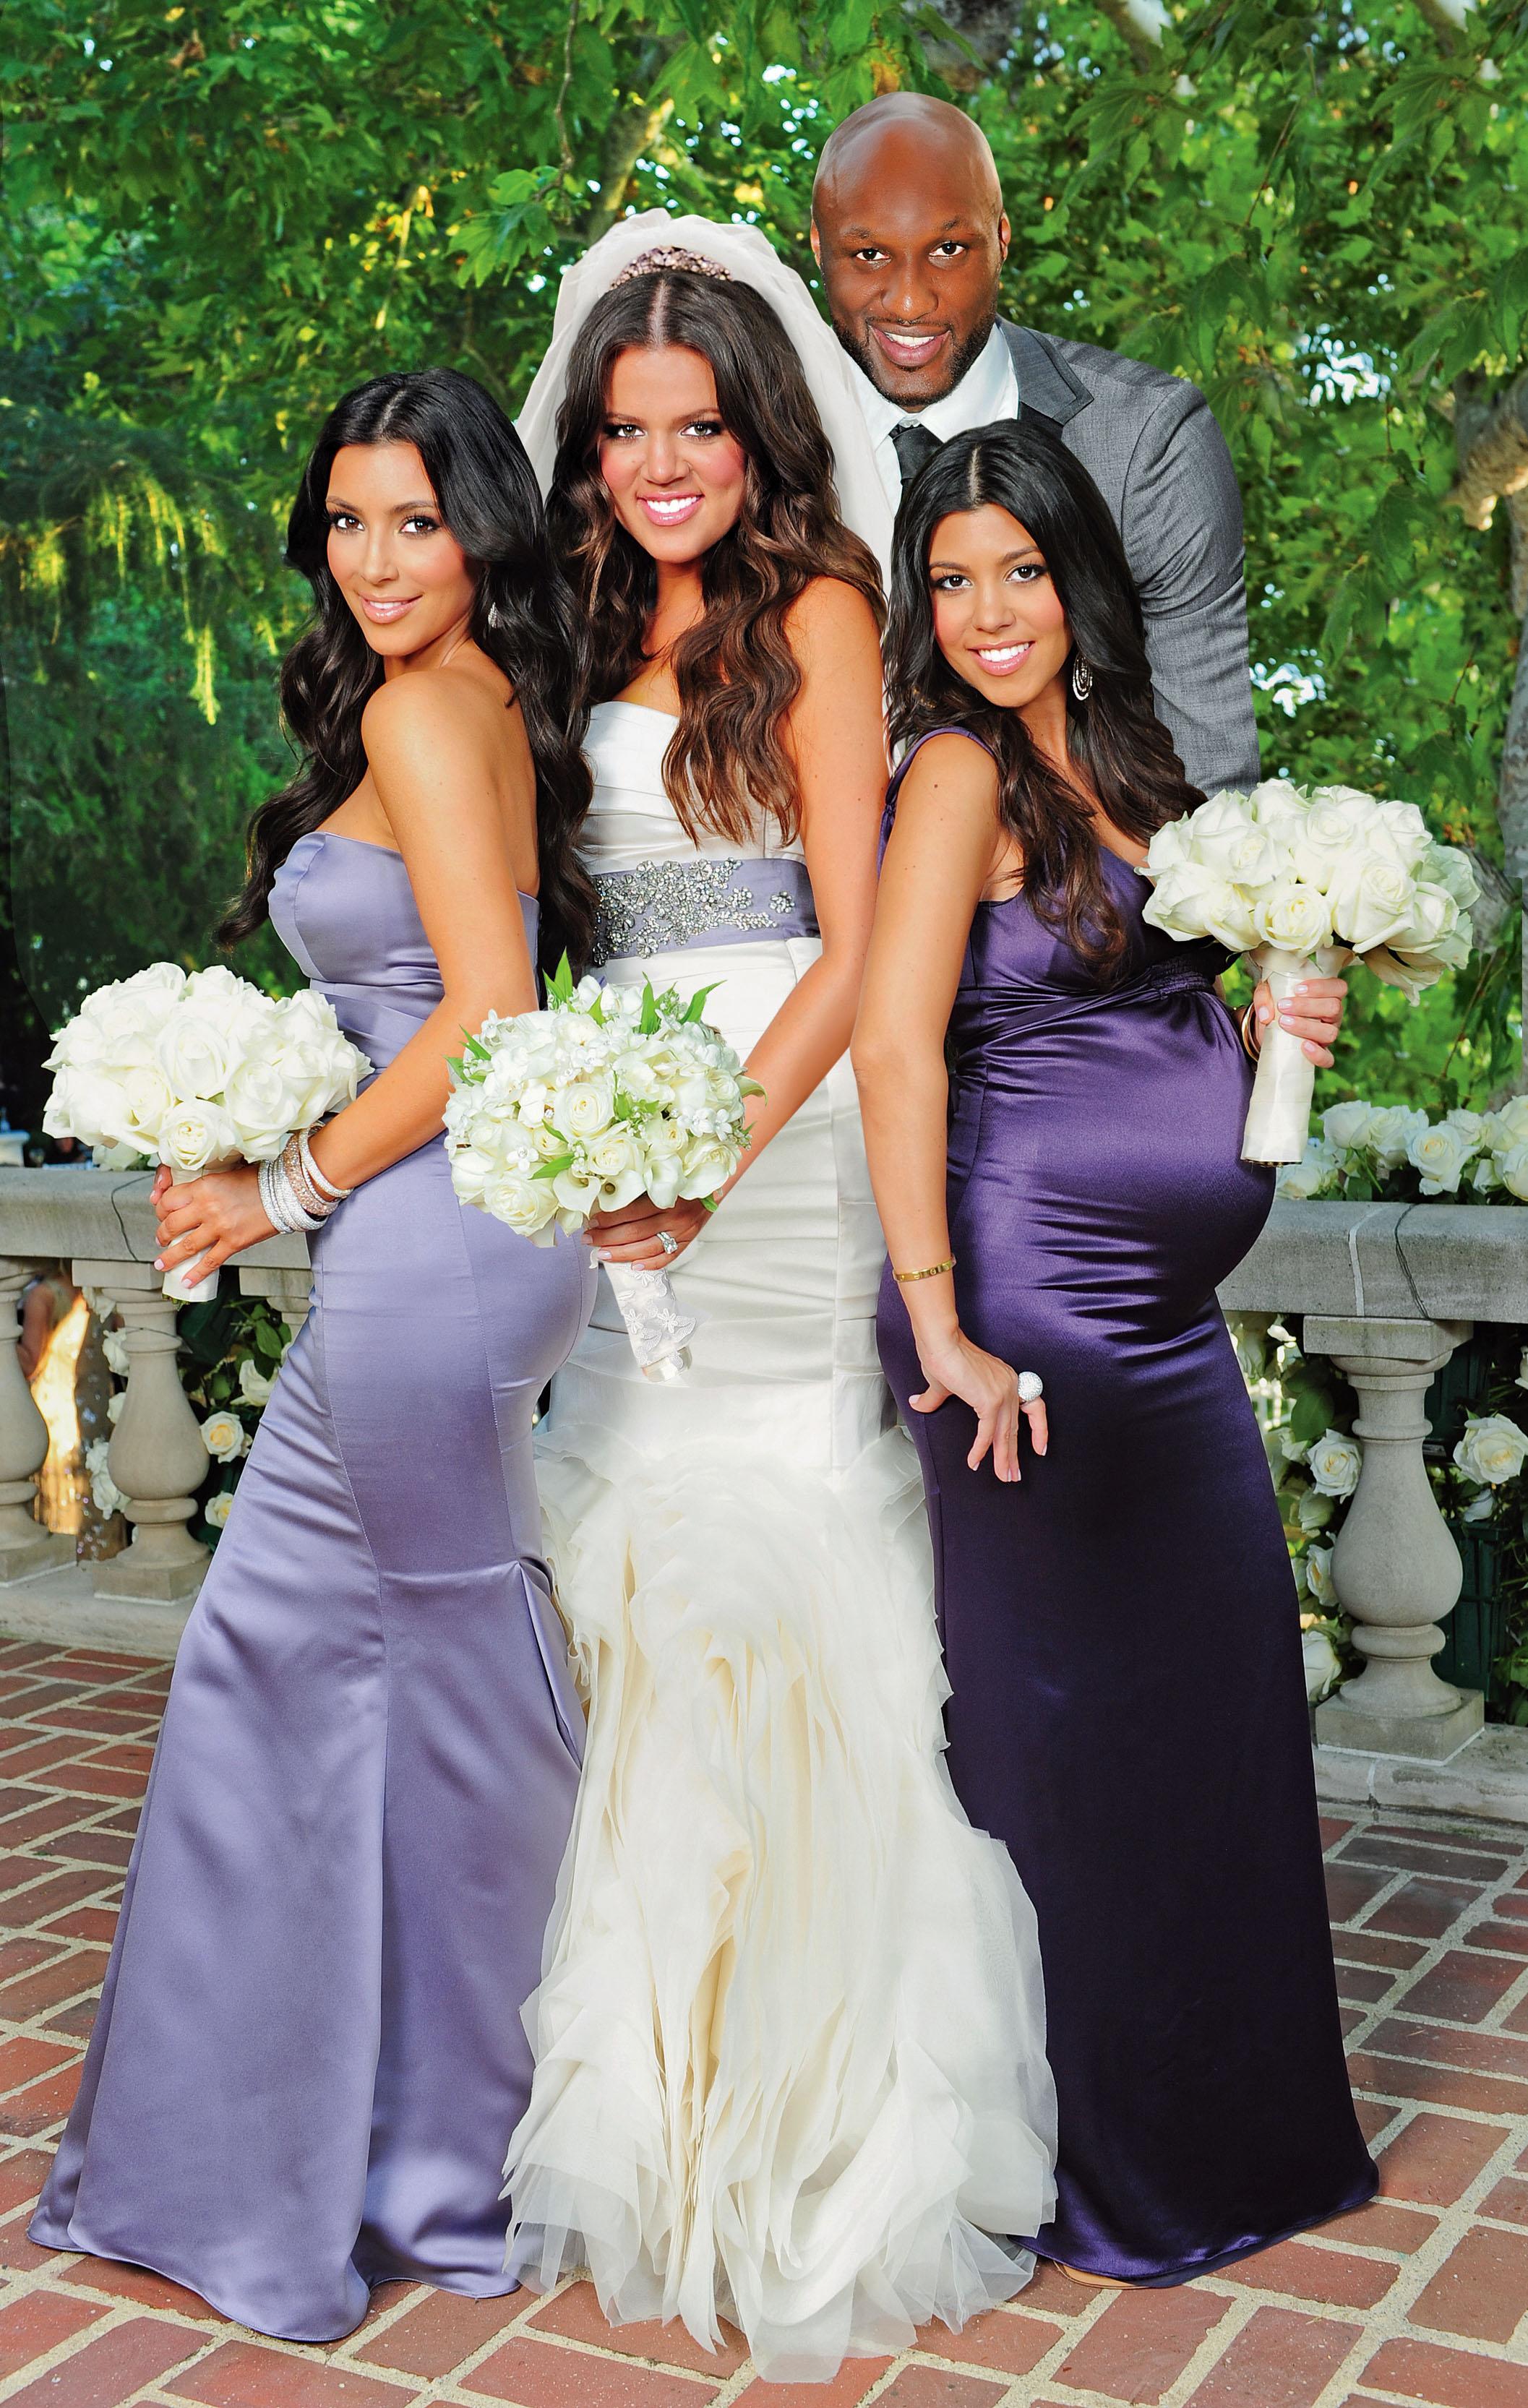 Vestido de novia de khloe kardashian